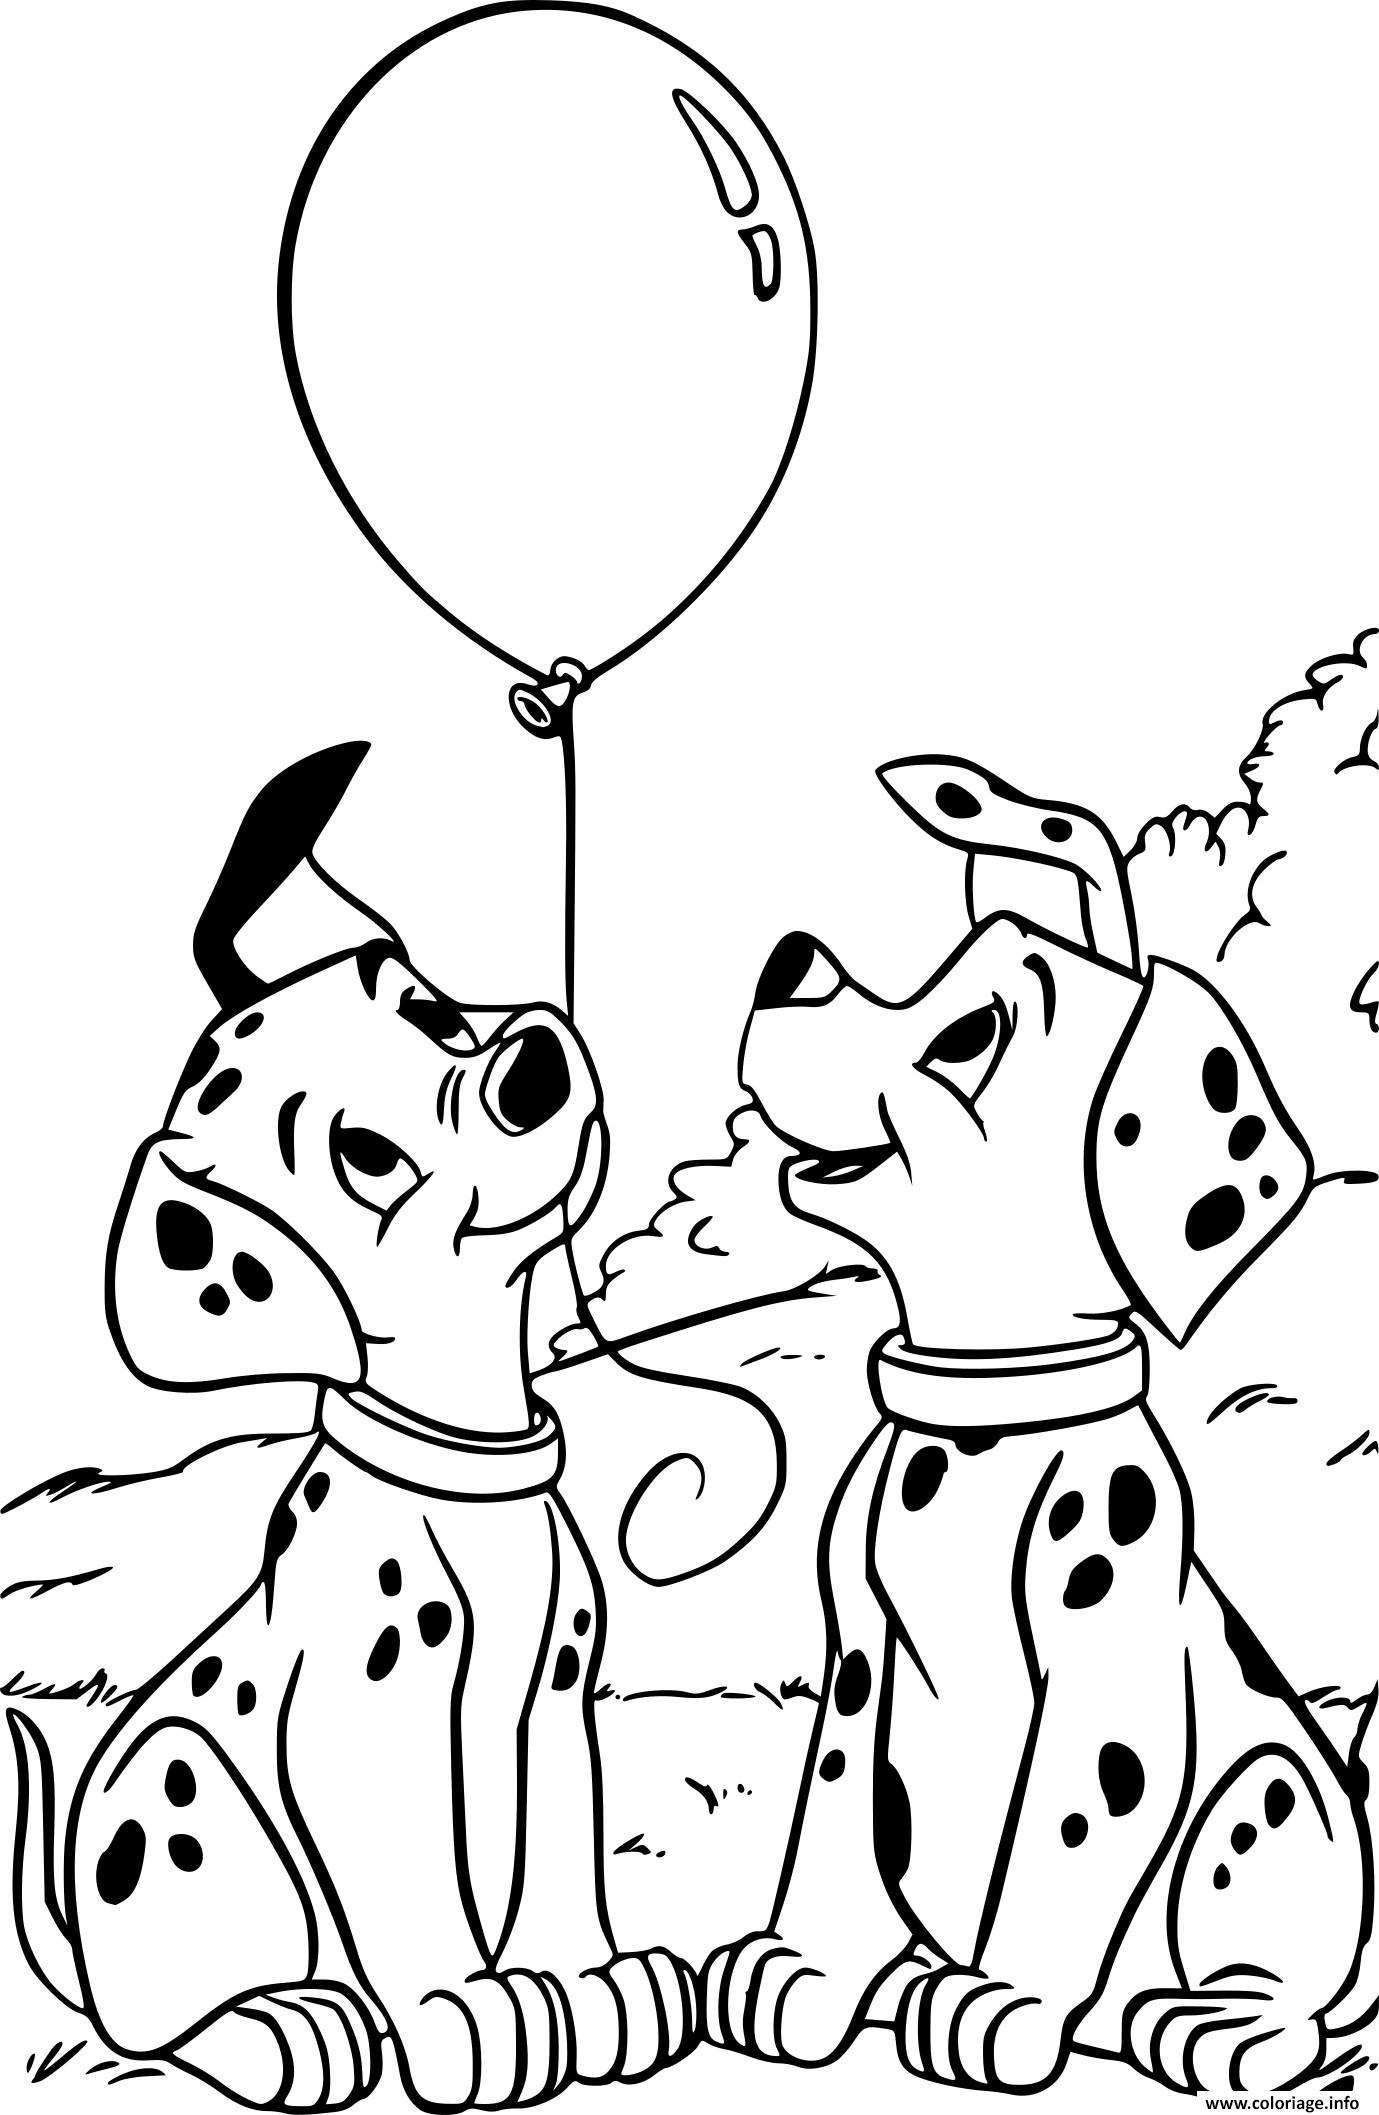 Dessin les 101 Dalmatiens Pongo et Perdita Coloriage Gratuit à Imprimer